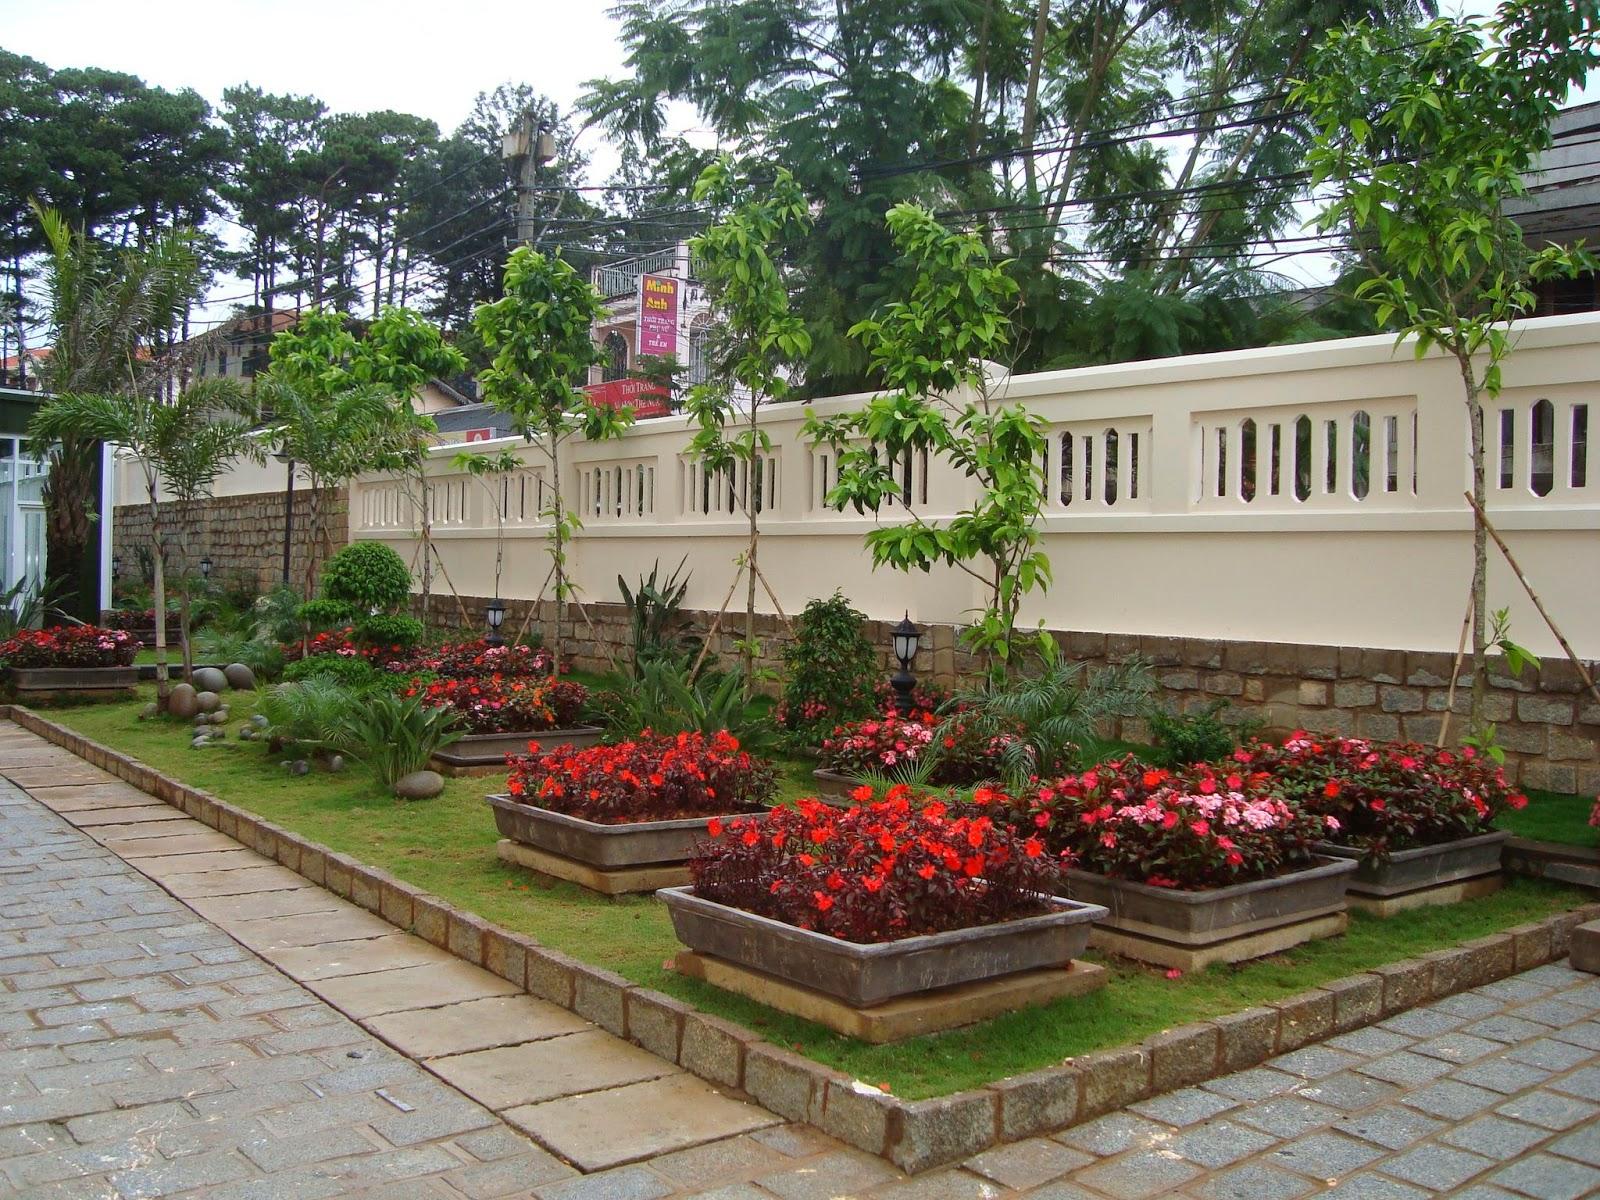 Hệ thống xử lý nước thải chìm dưới vườn hoa